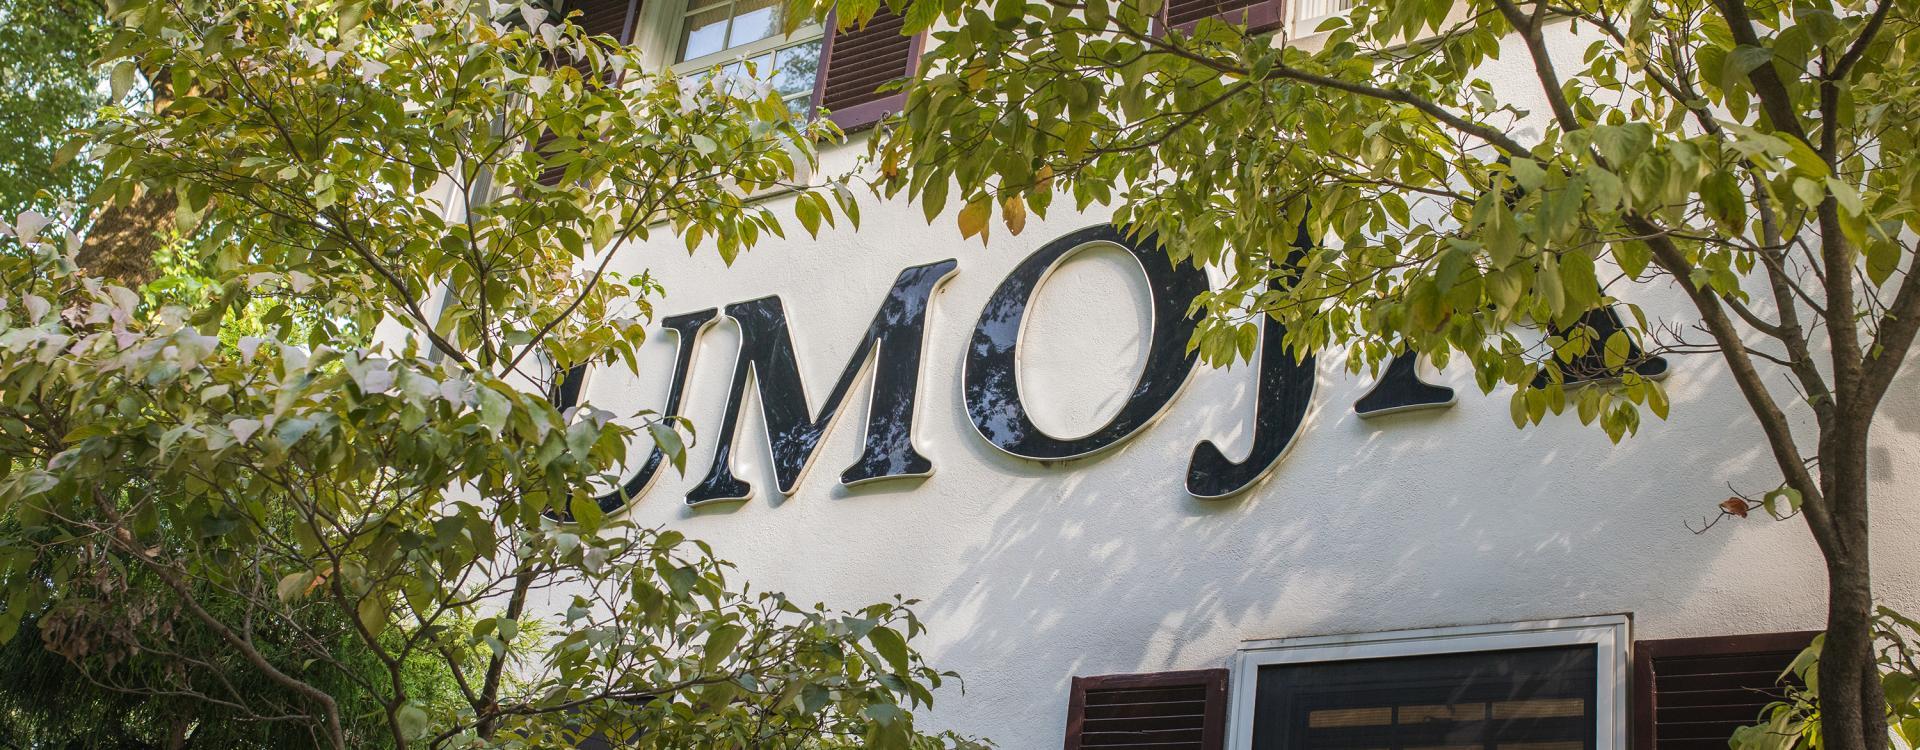 Umoja House